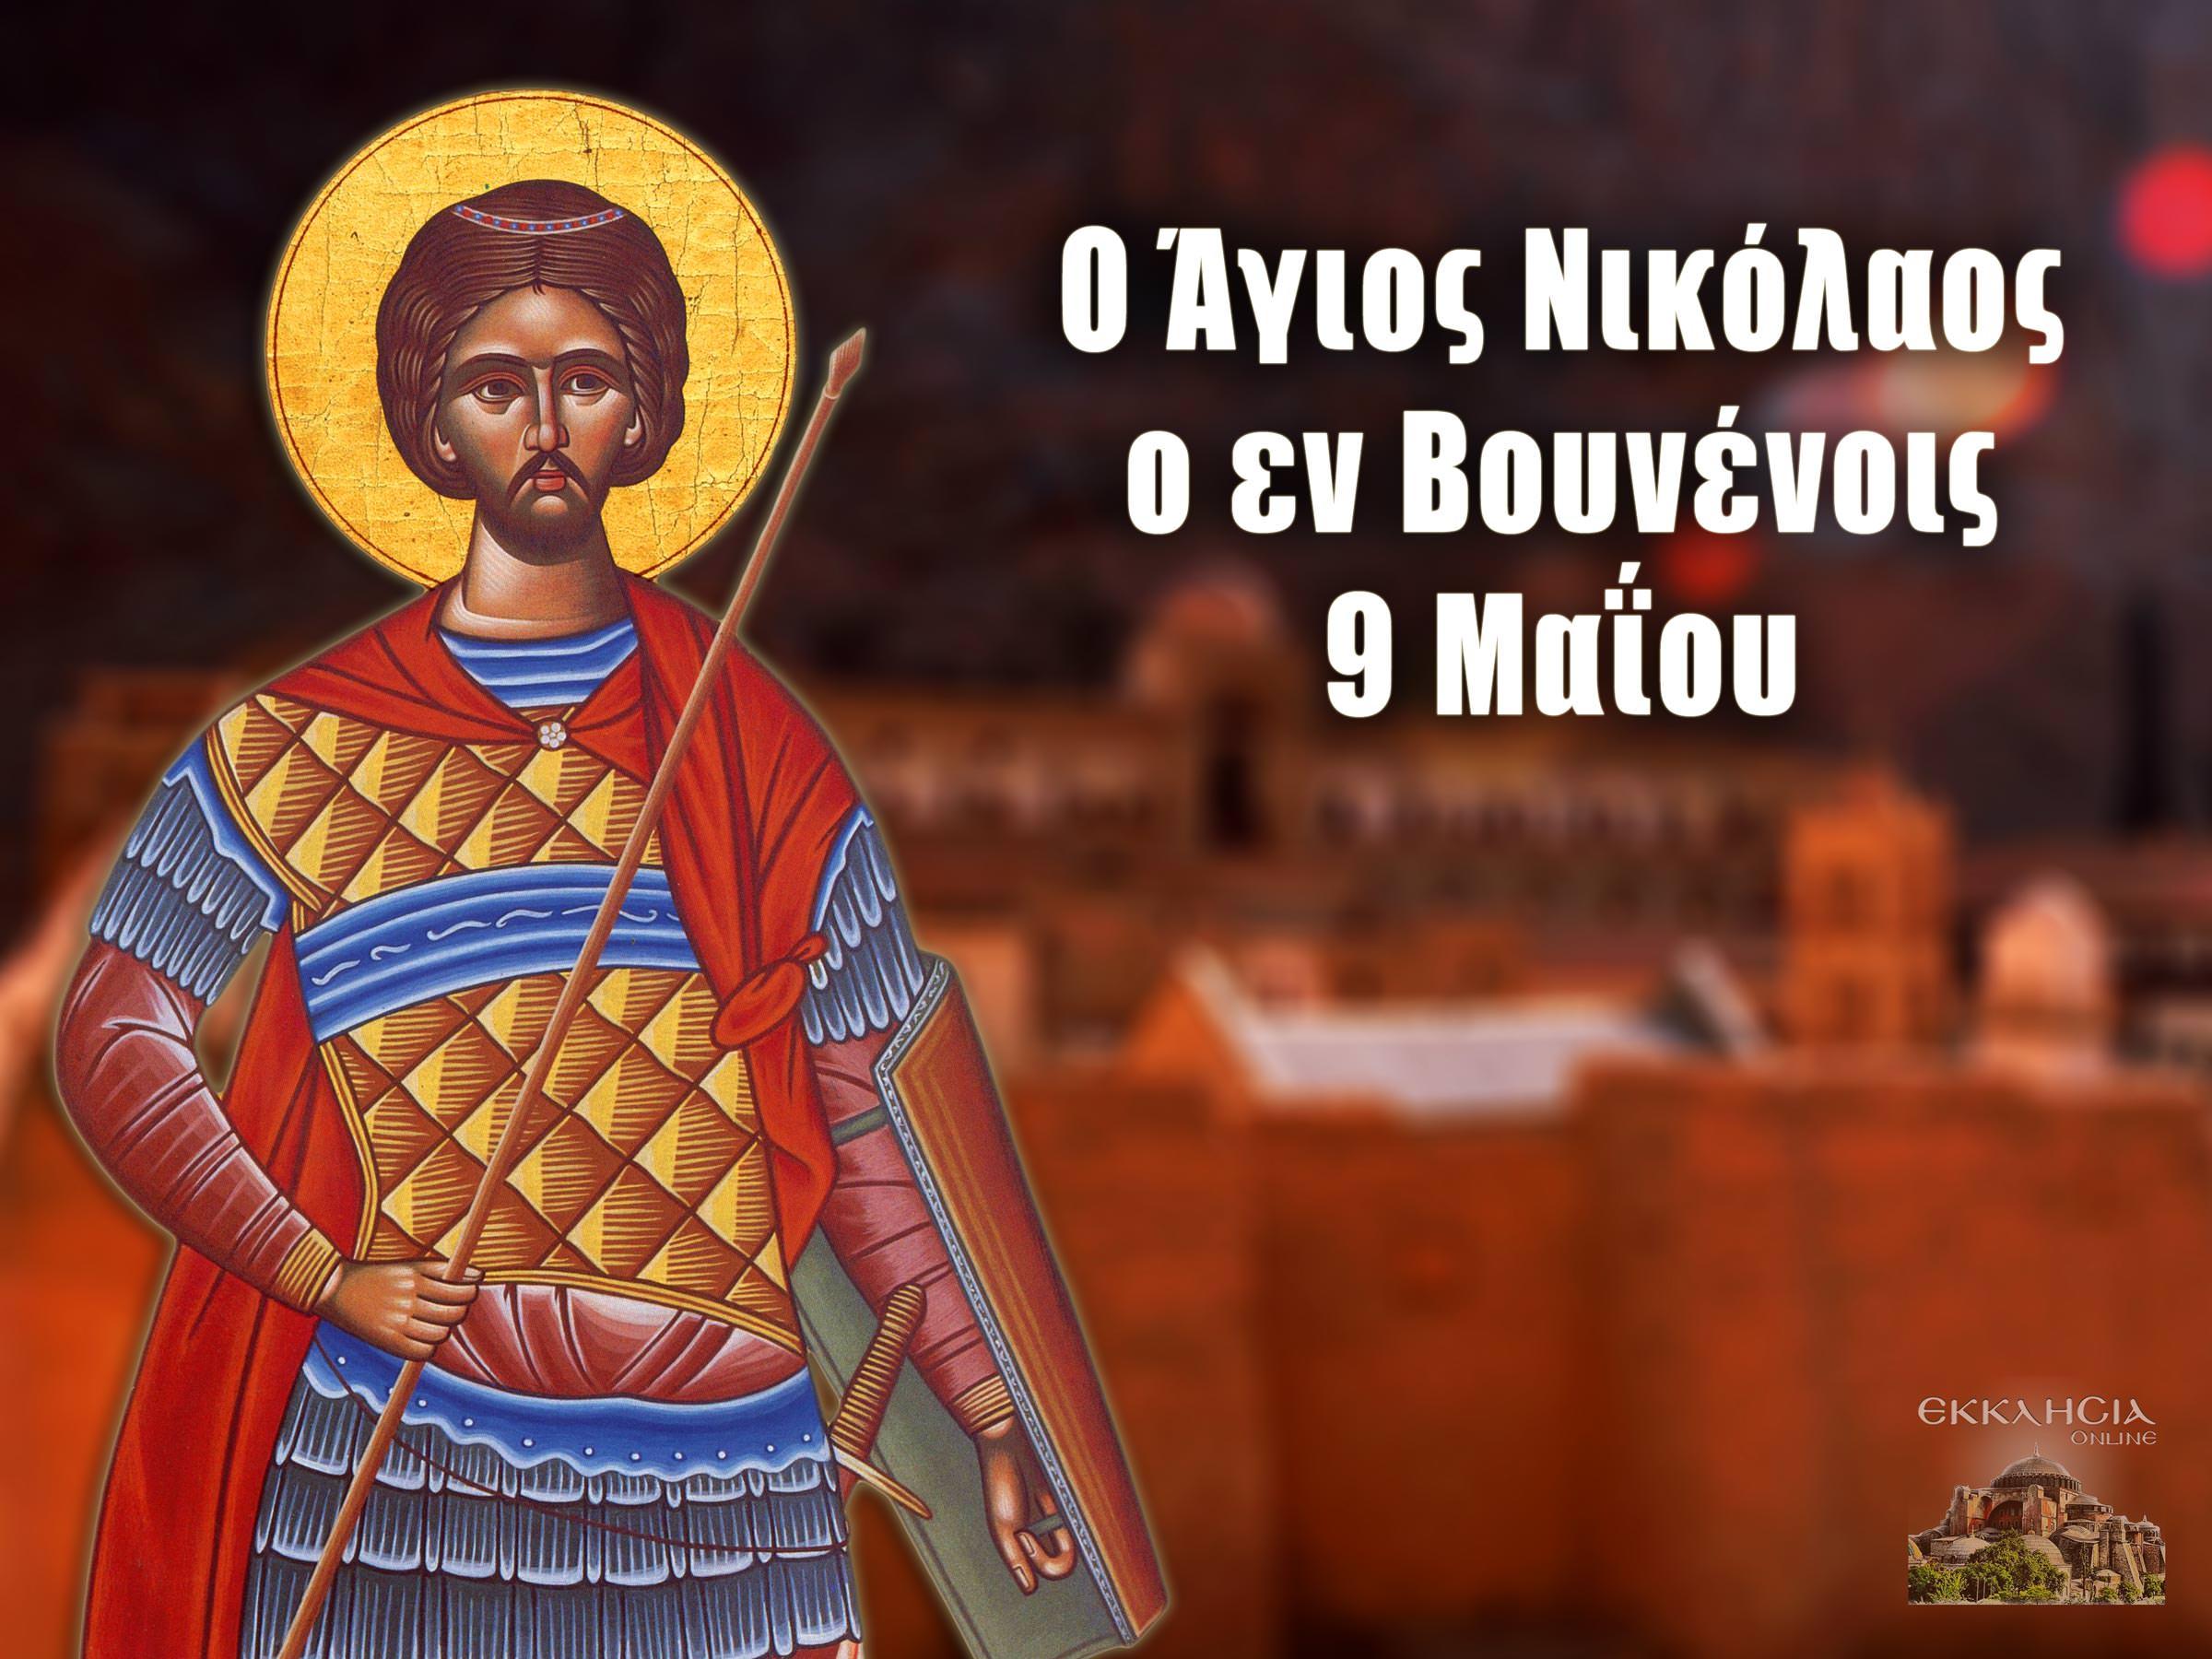 Άγιος Νικόλαος εν Βουνένοις 9 Μαΐου